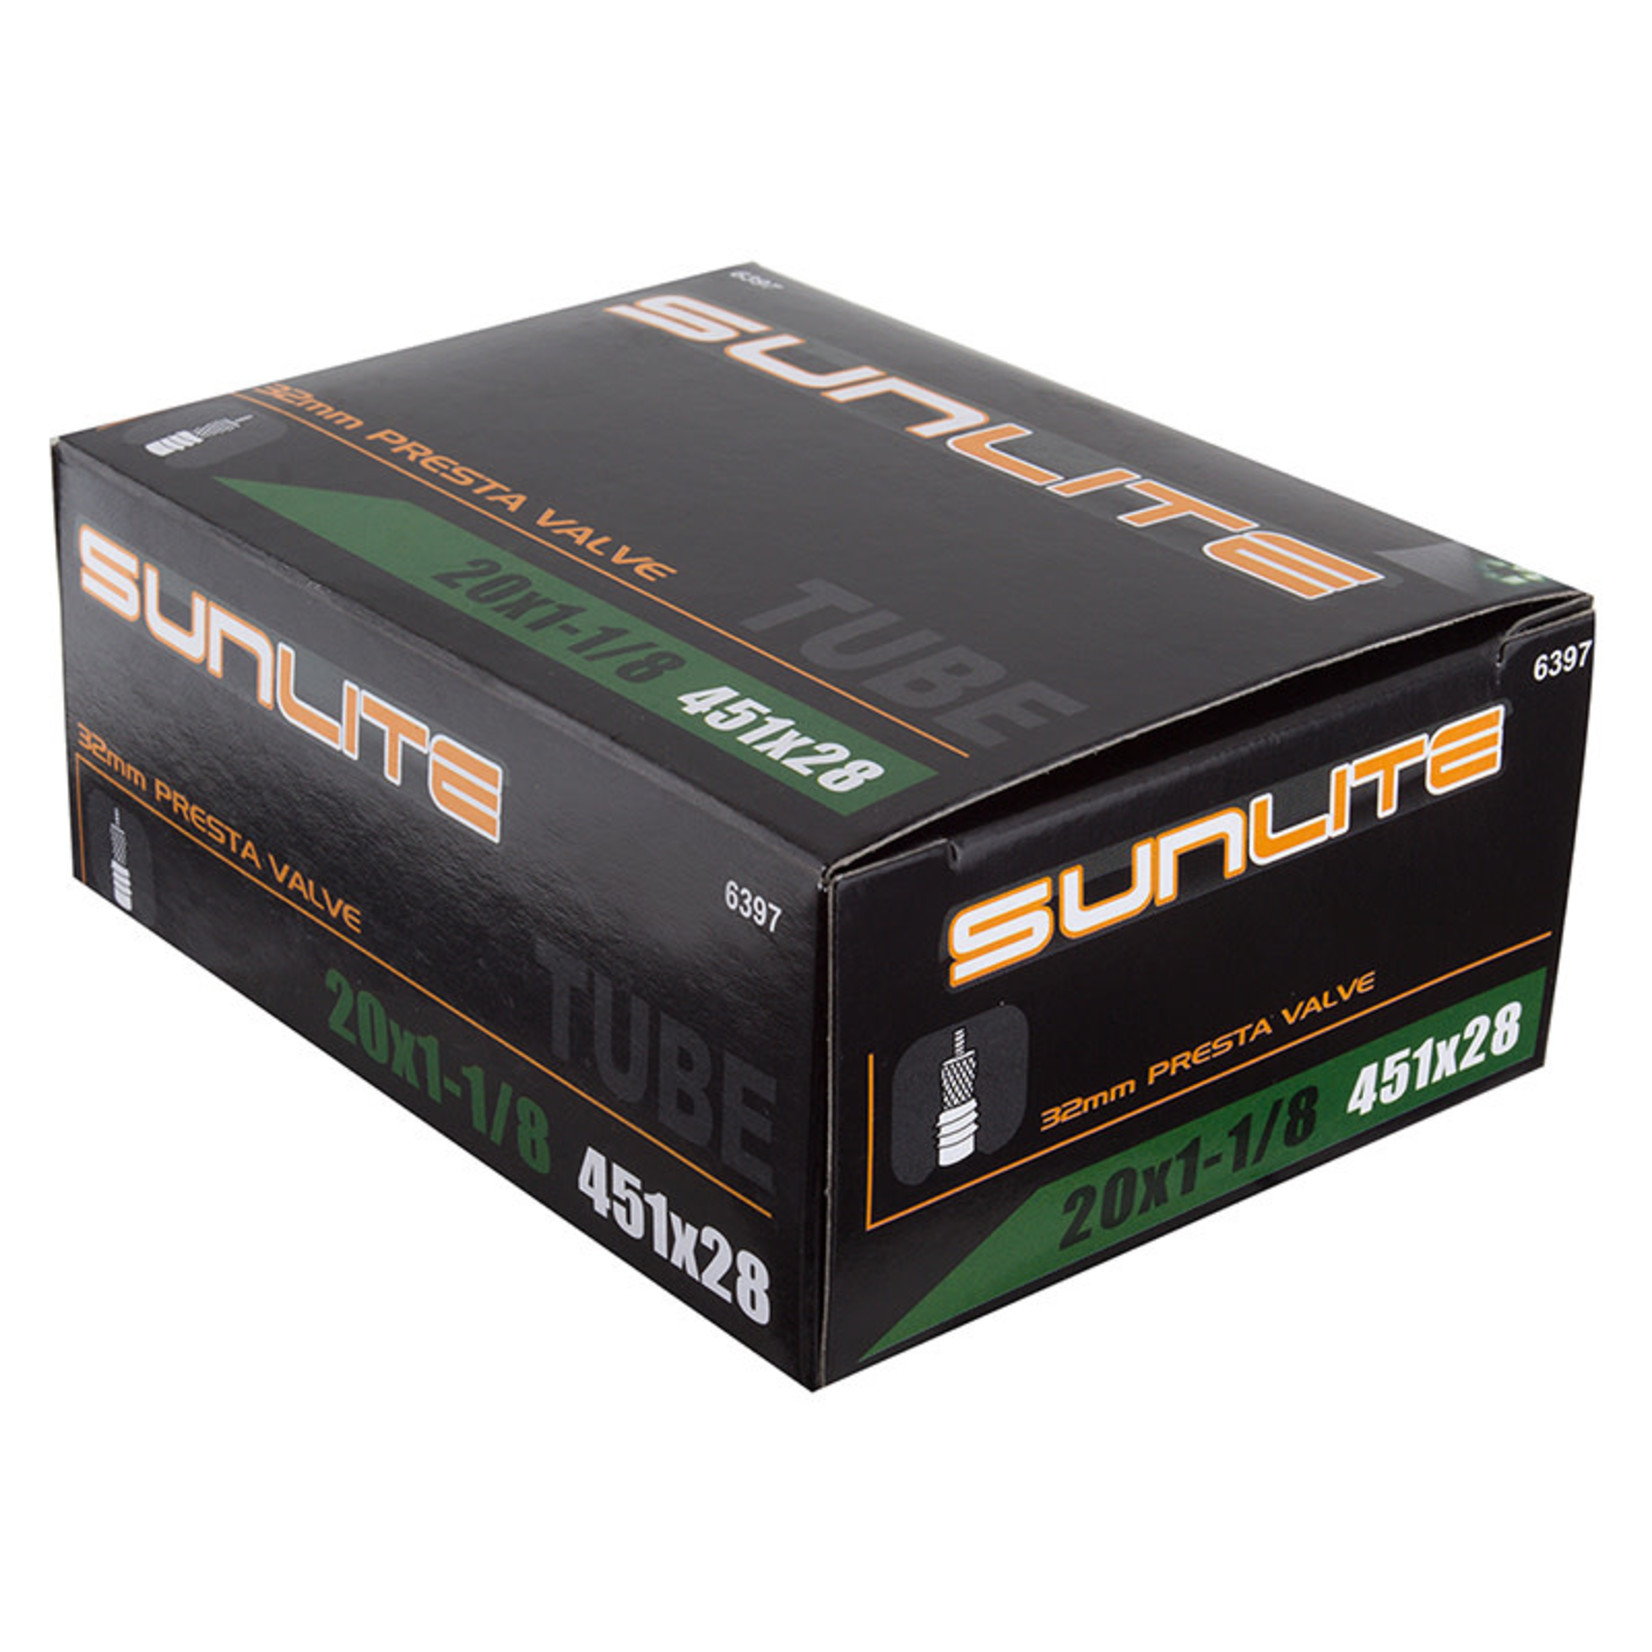 TUBES SUNLT 20x1-1/8 PV32/THRD/RC (451x25) FFW30mm